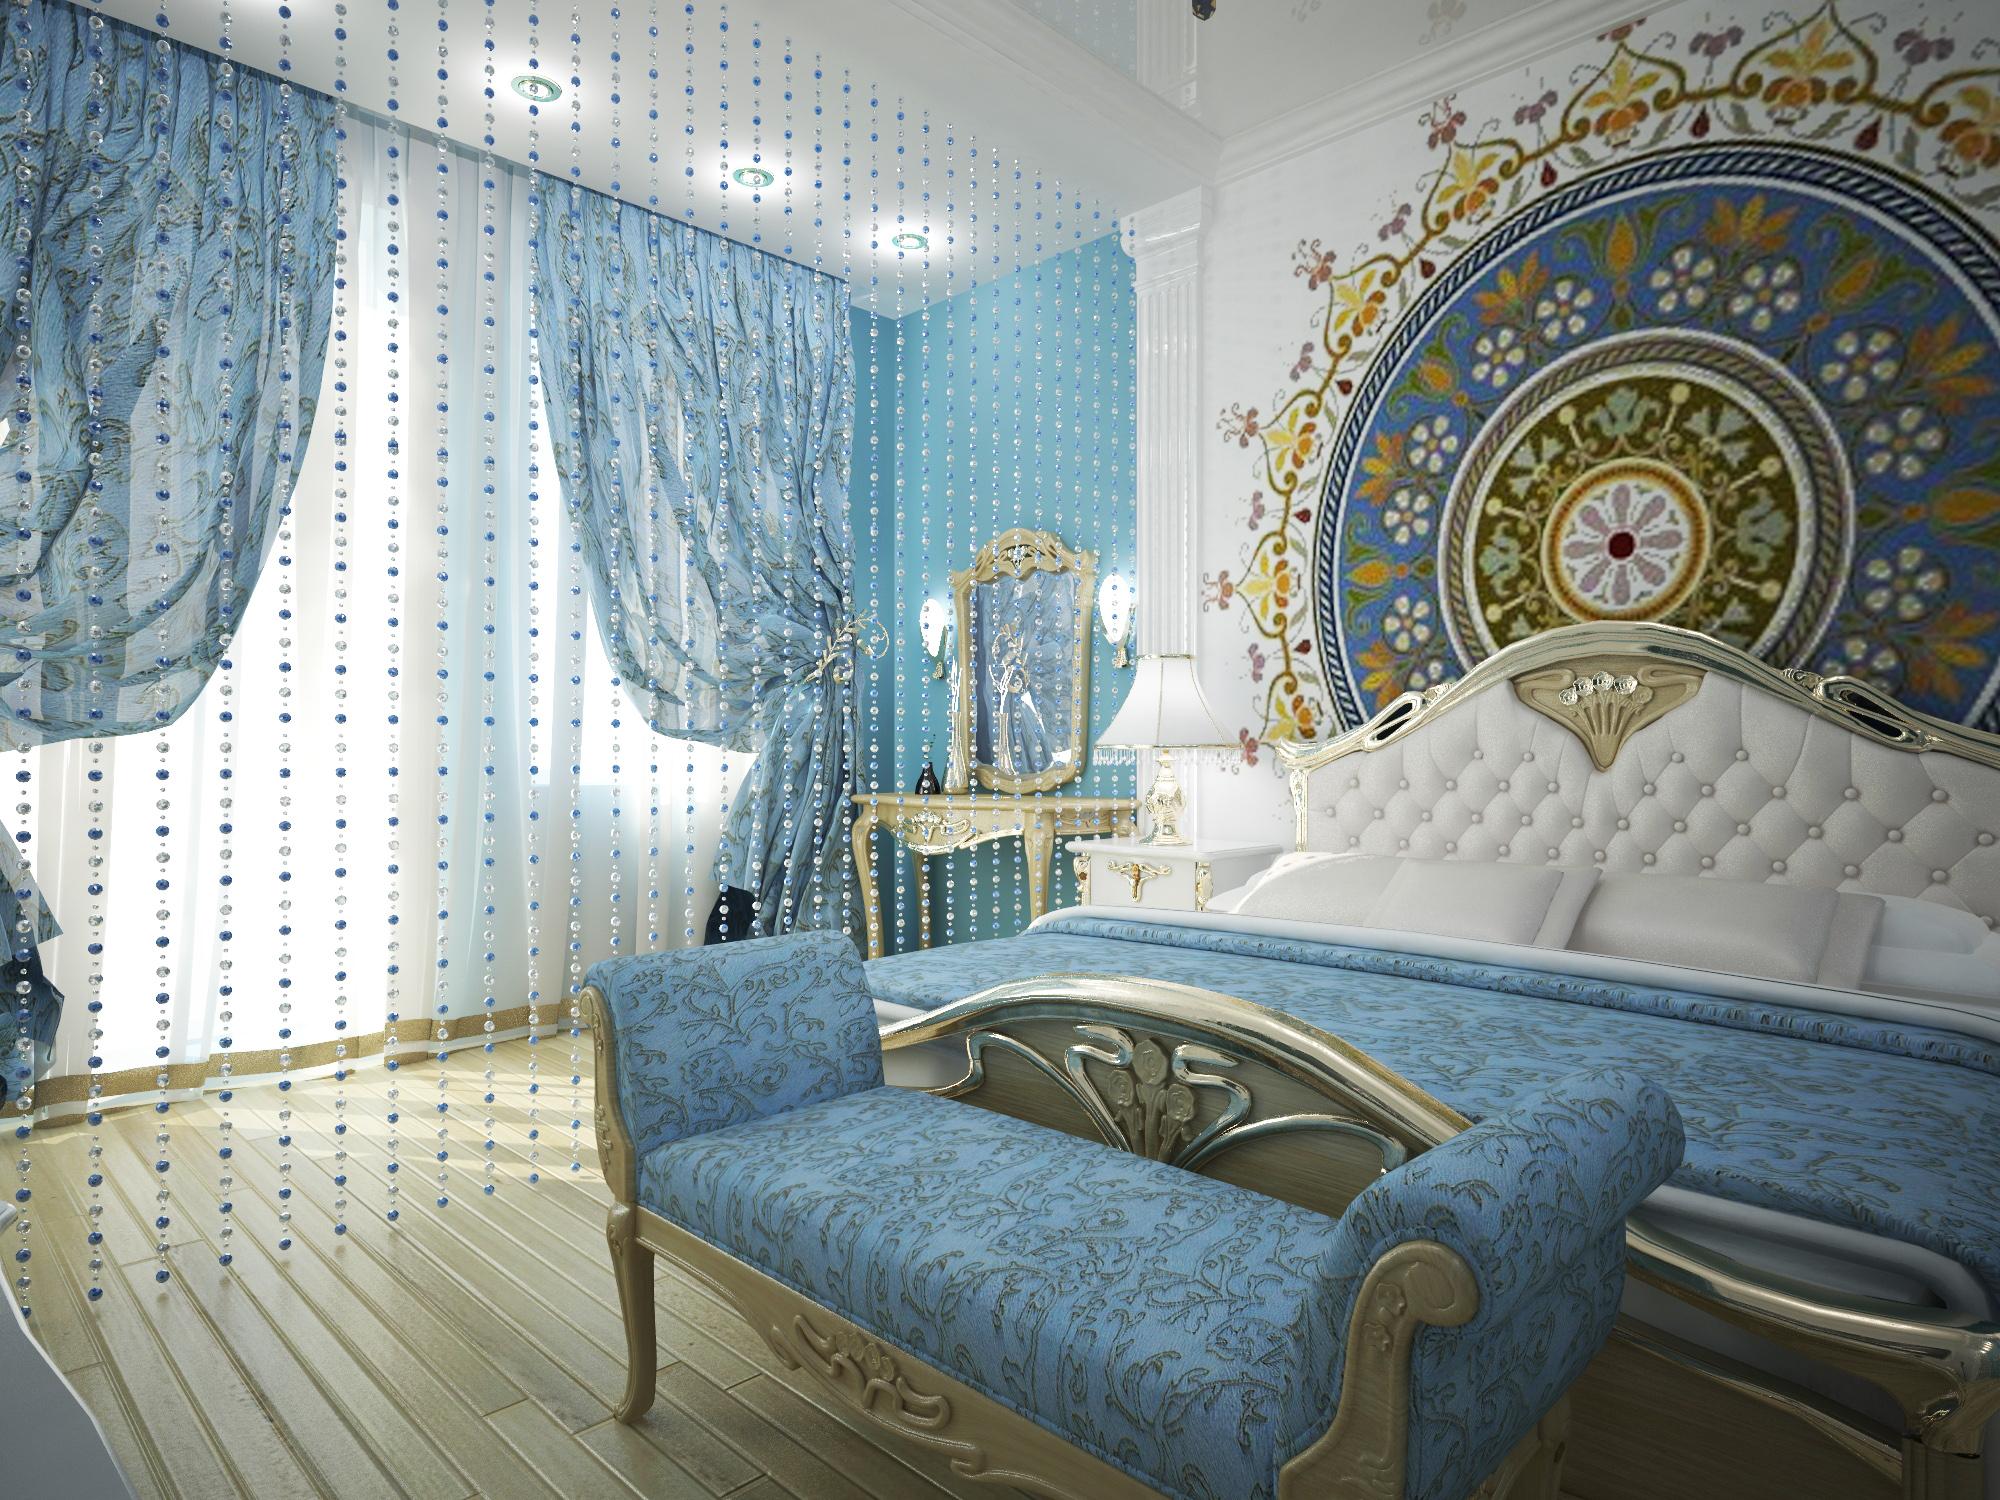 Штора из бусин в интерьере спальни